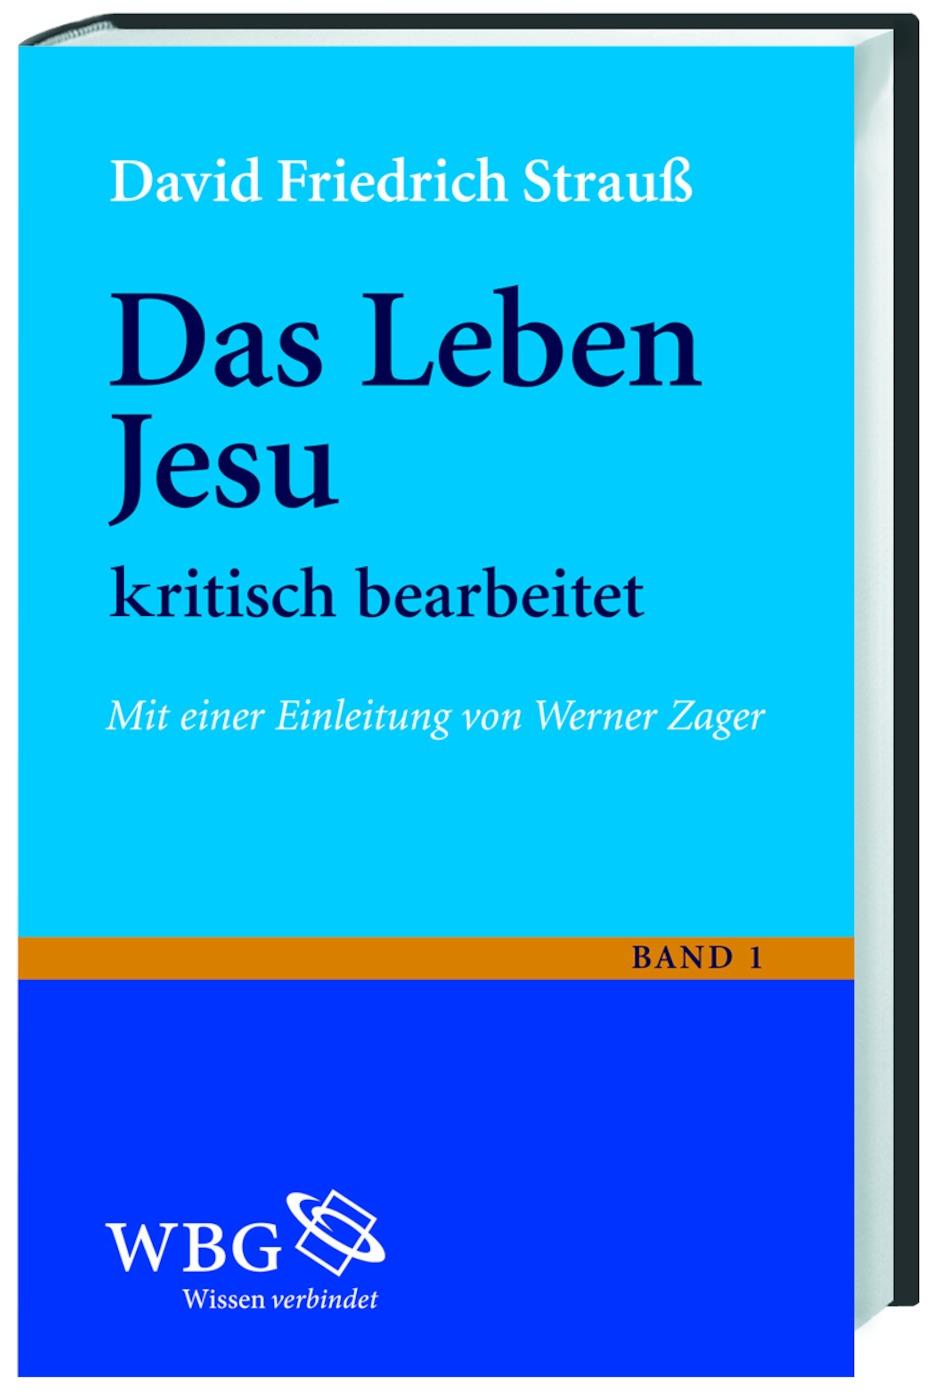 Das Leben Jesu: kritisch bearbeitet - David Friedrich Strauss [Gebundene Ausgabe]